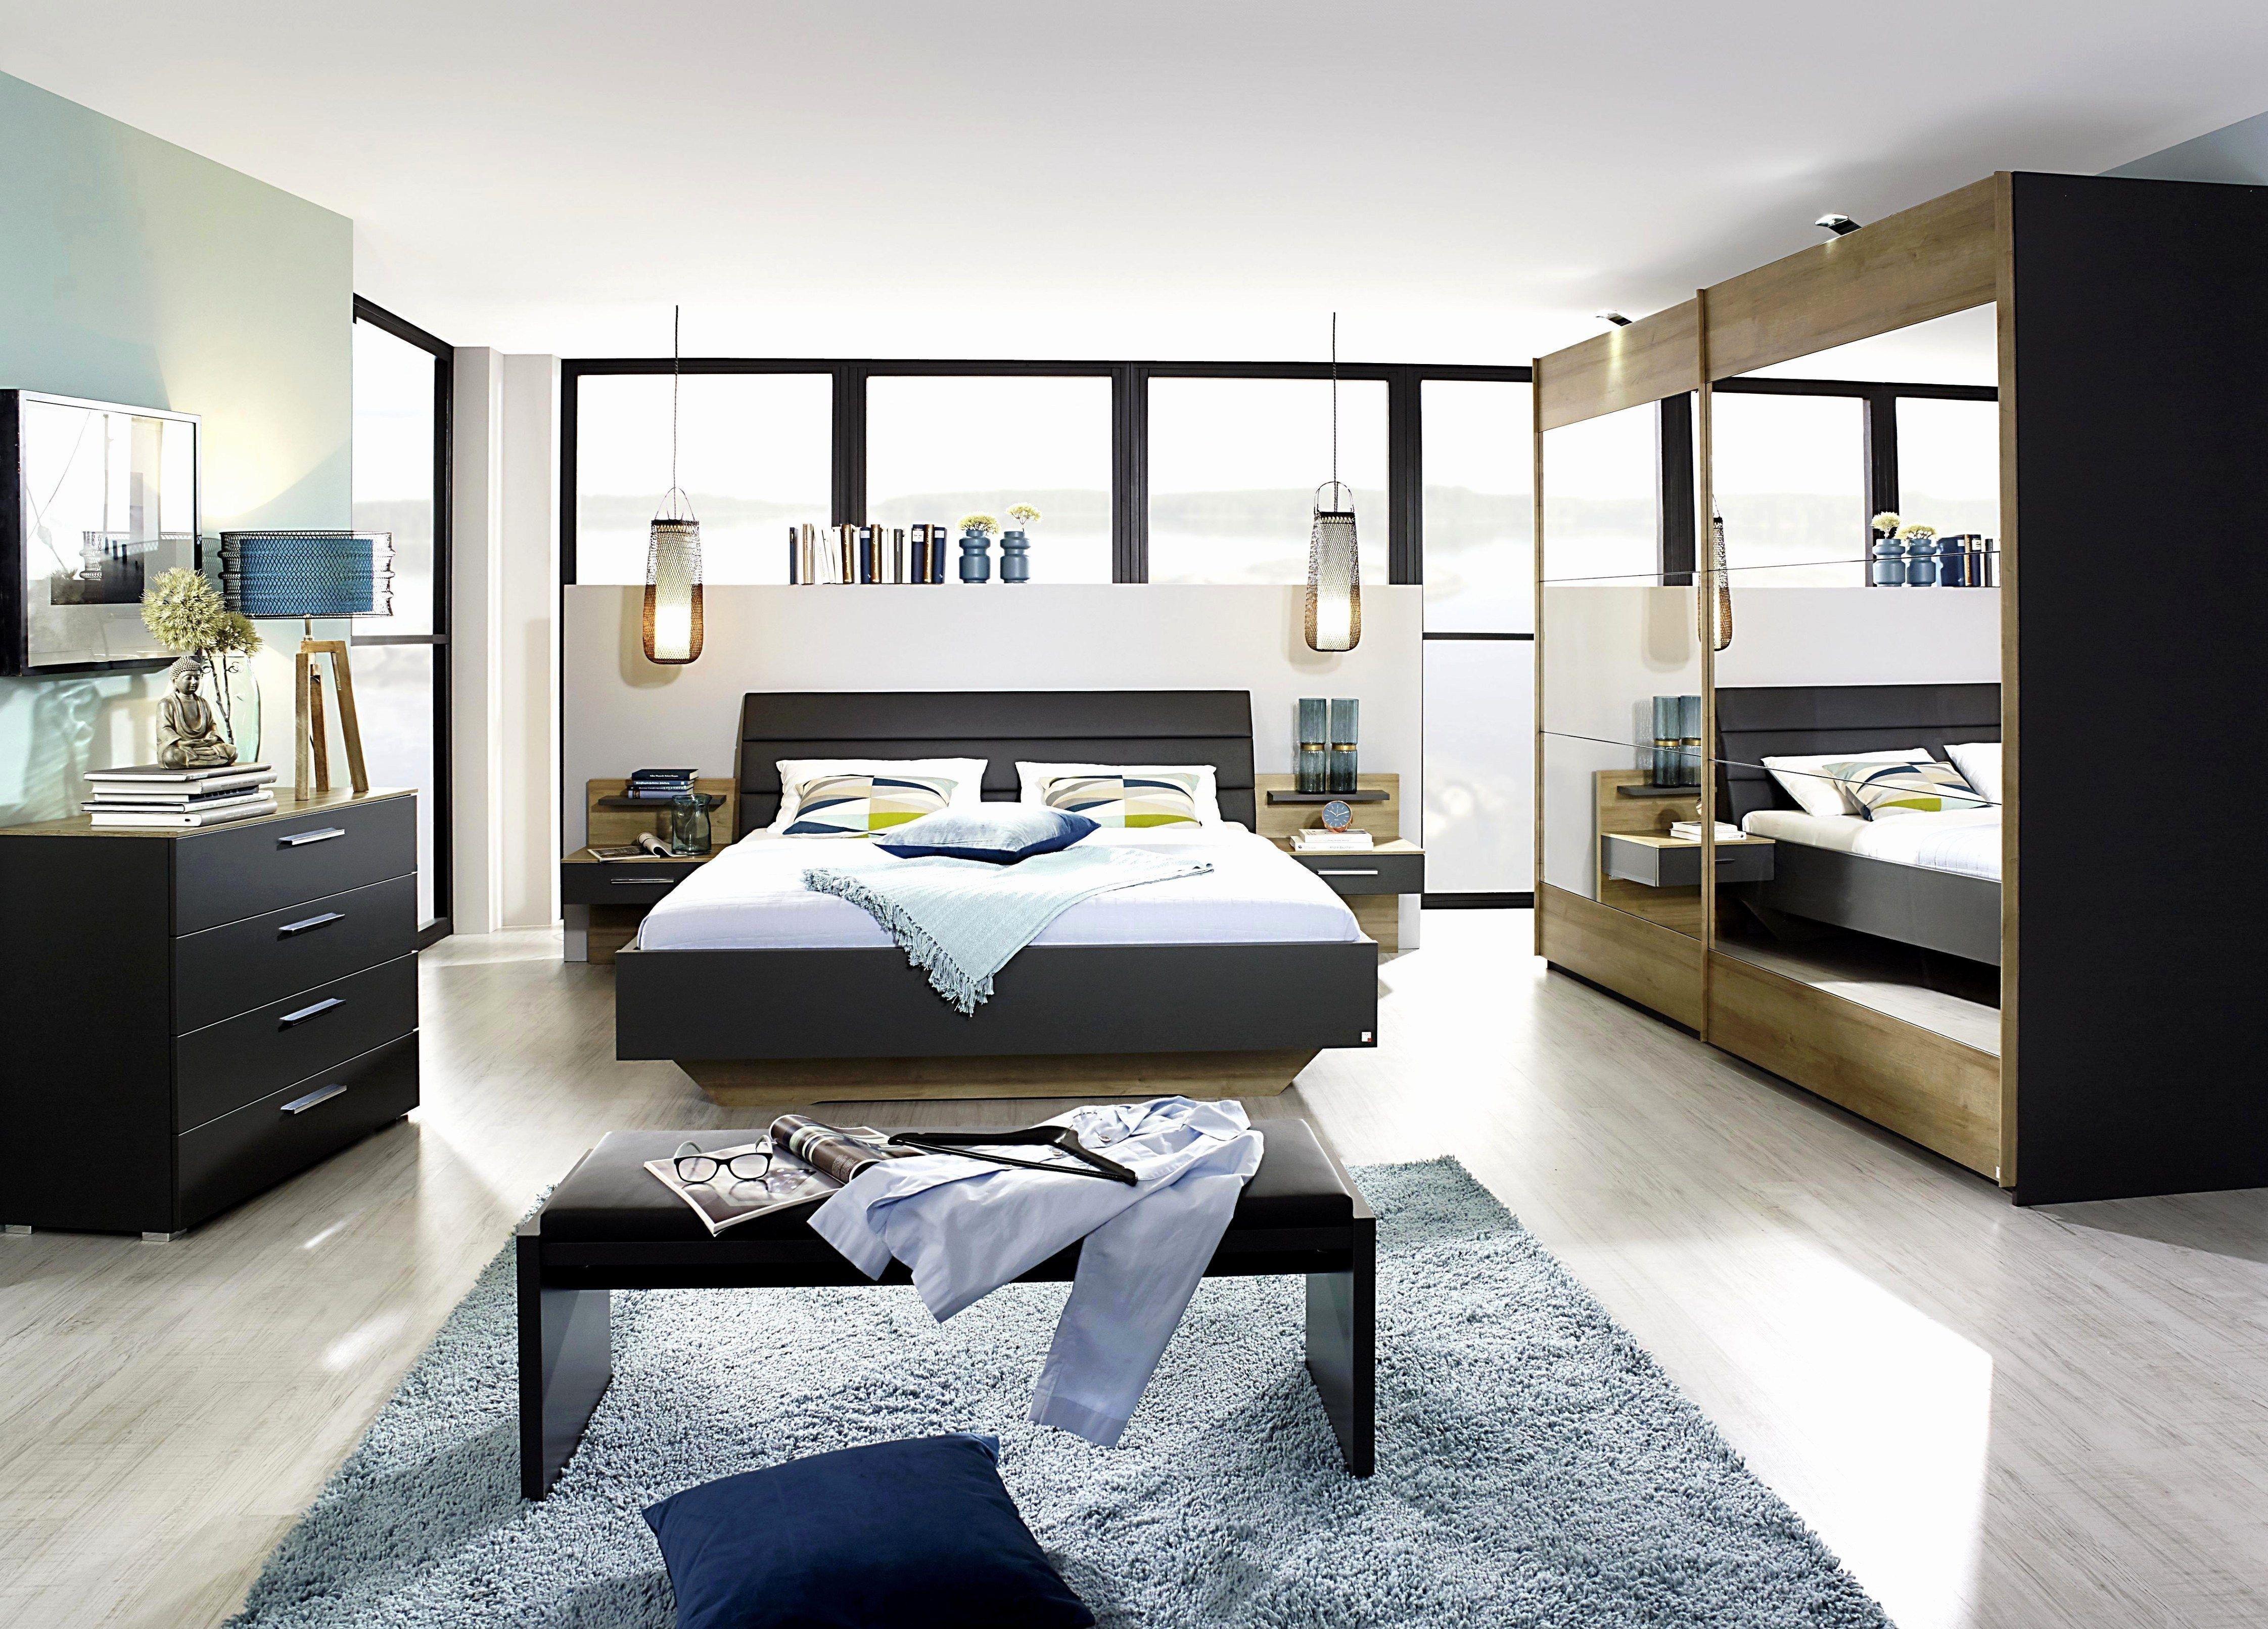 Schlafzimmer Mit Viel Stauraum Schlafzimmer Einrichten Schlafzimmer Einrichten Ideen Ankleide Zimmer